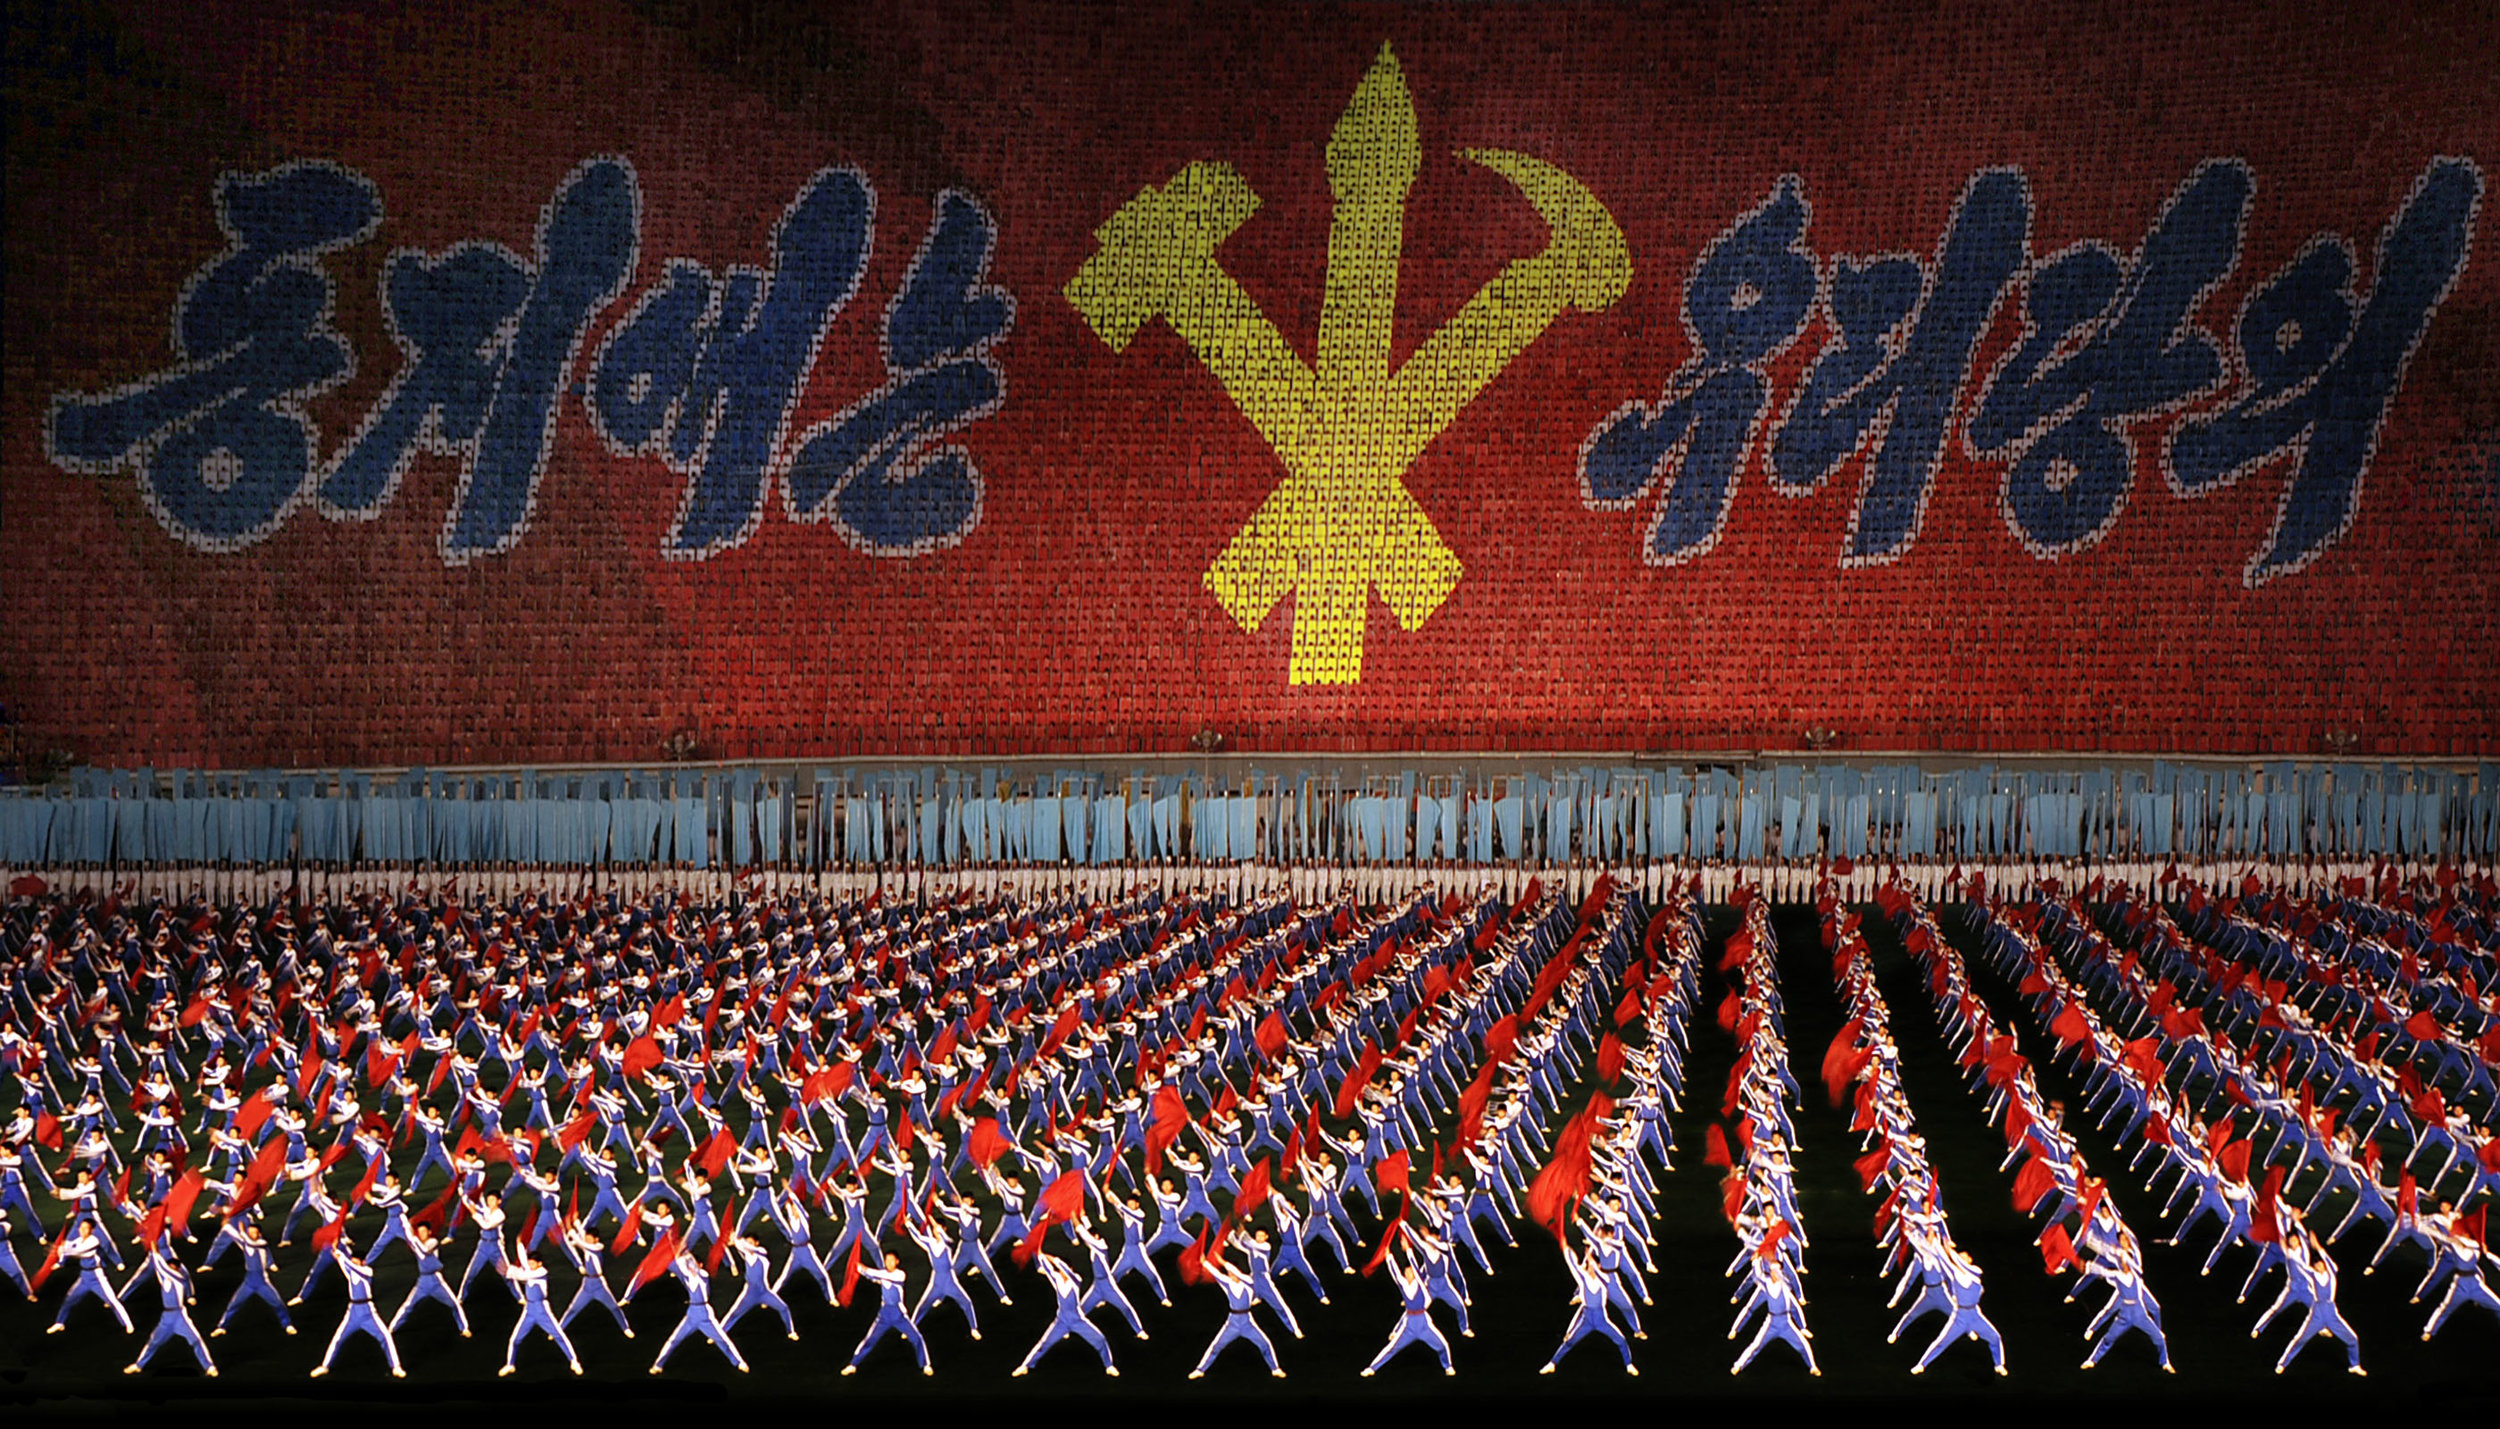 Пропагандата ще играе ключова роля в представянето на срещата между Мун Дже-ин и Ким Чен-ун Снимка: flickr/mister addd